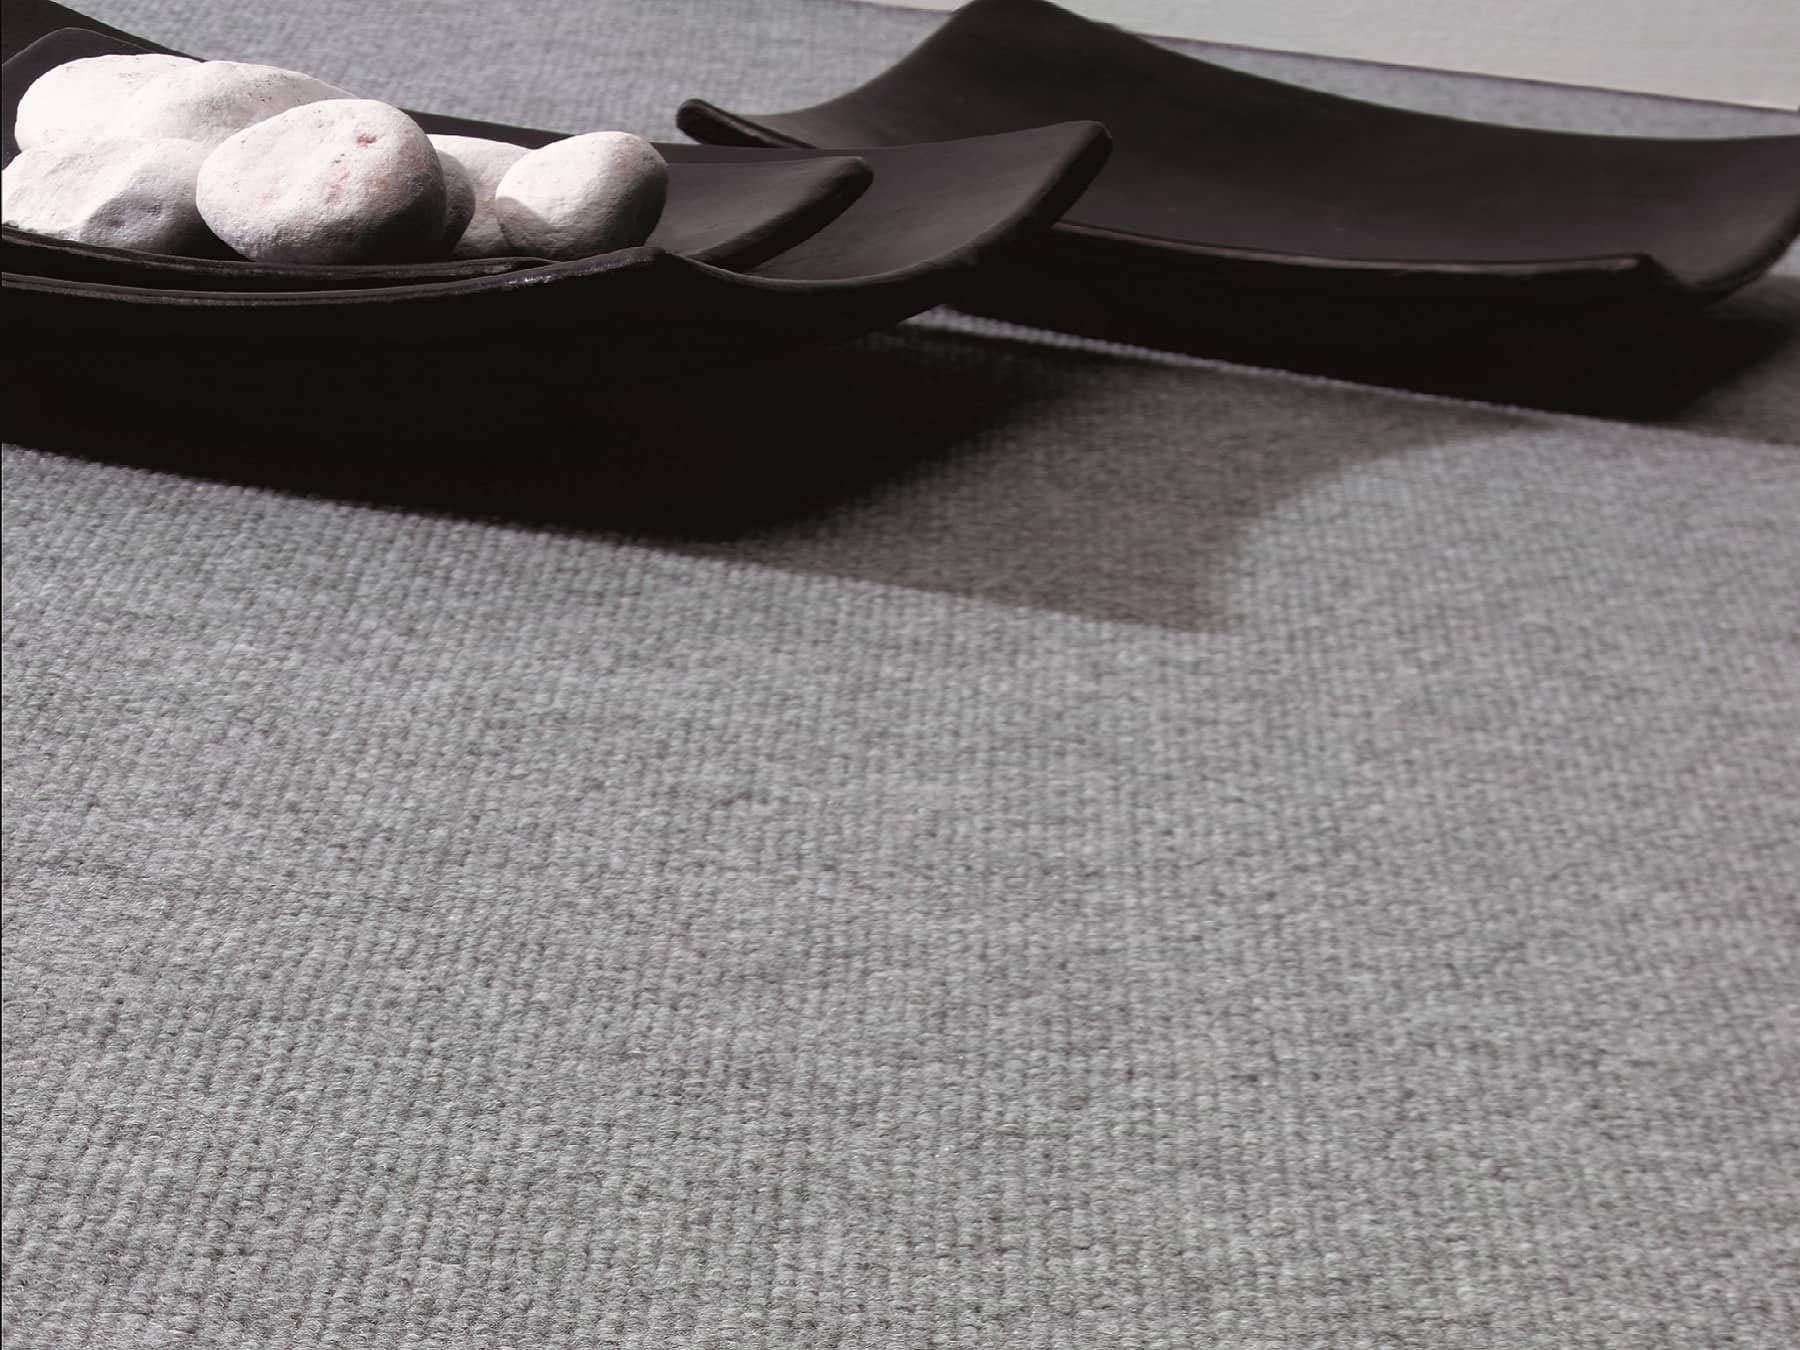 H/öhe ca.2mm Rips Malta B1 2,00m x 10,00m Rips-Nadelfilz Schwer Entflammbar gerippter Bodenbelag f/ür Events und Messen Braun